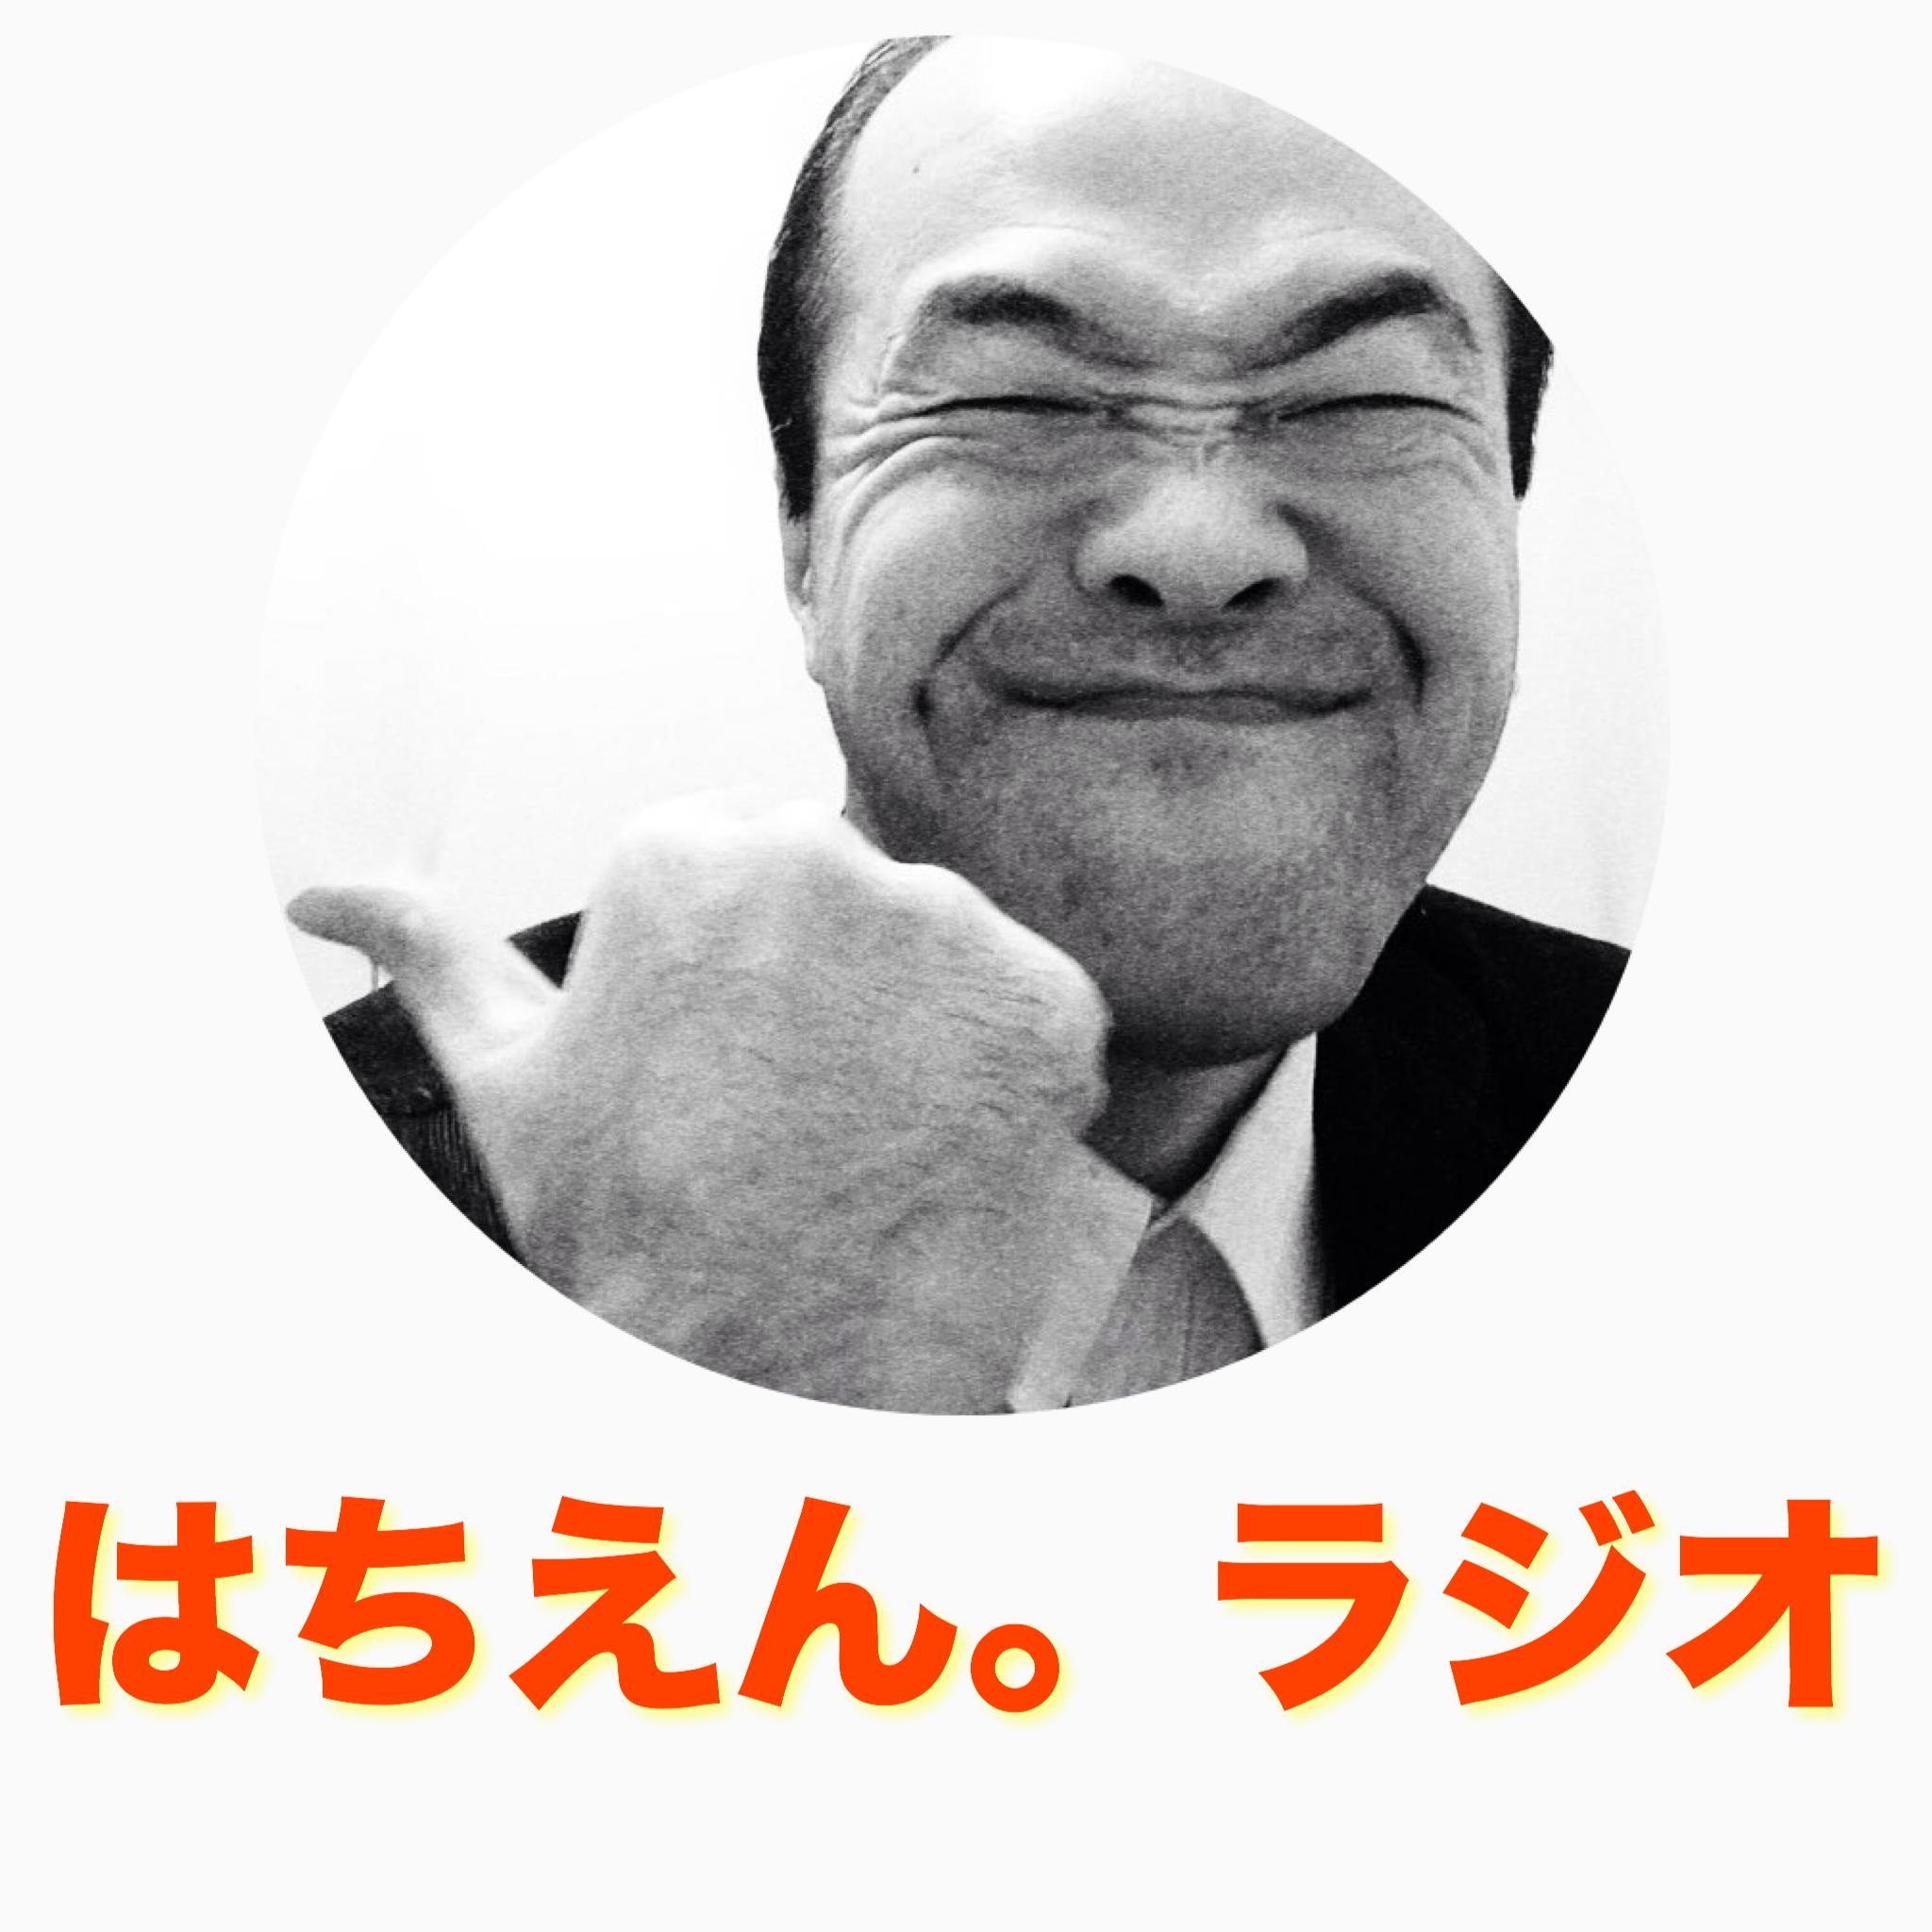 ソーシャルメディア、動画最前線!はちえん。ラジオ